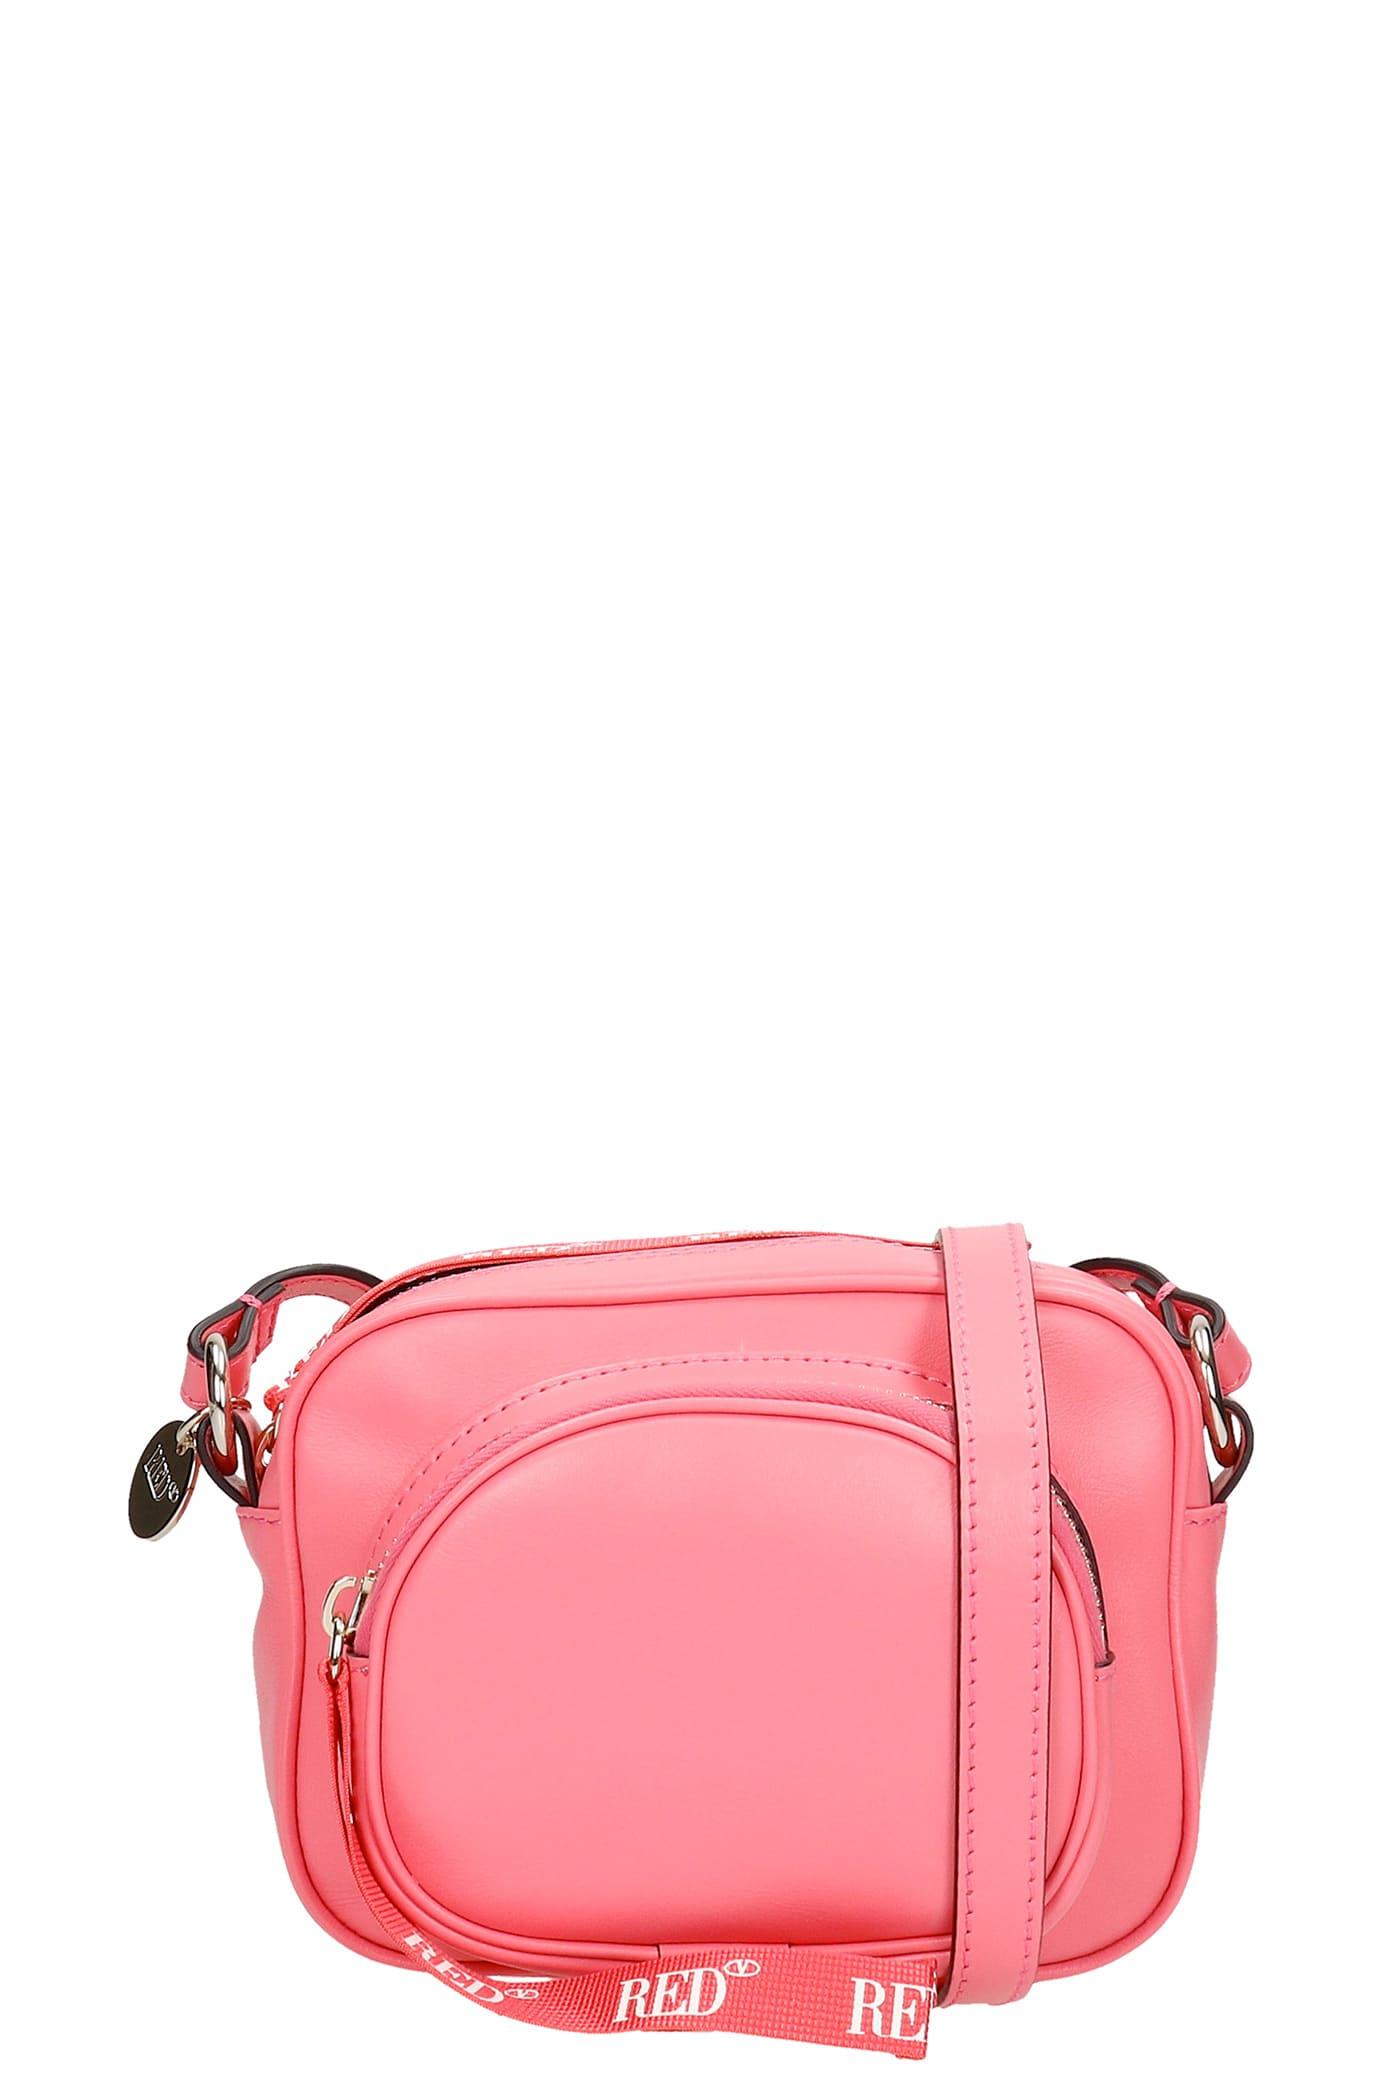 Red Valentino Shoulder Bag In Rose-pink Leather